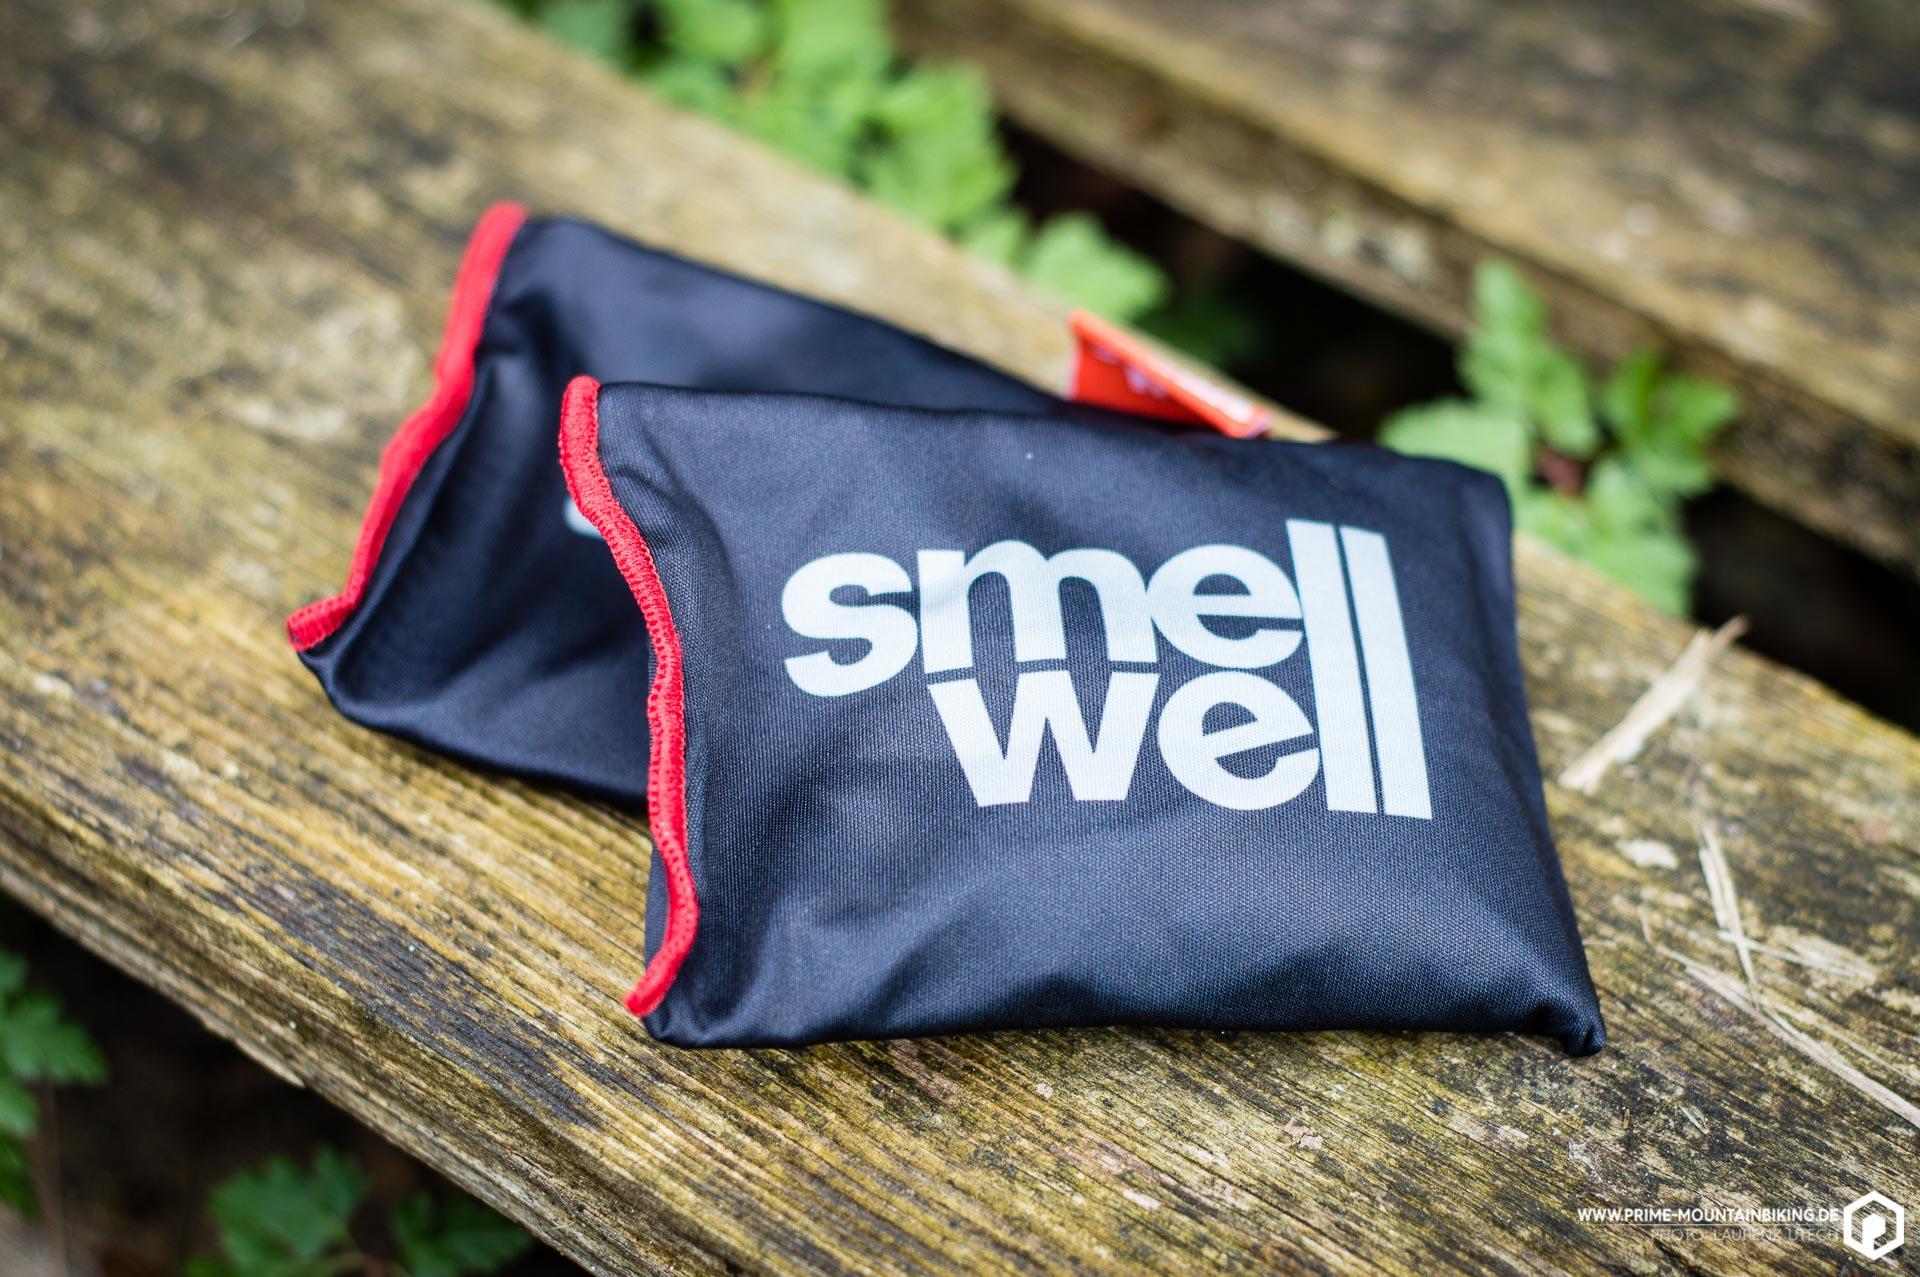 Einmal ausgepackt, kann man die Kissen sofort verwenden und sie zur Eliminierung von unangenehmen Gerüchen in jeglicher Art von Textilien verwenden.